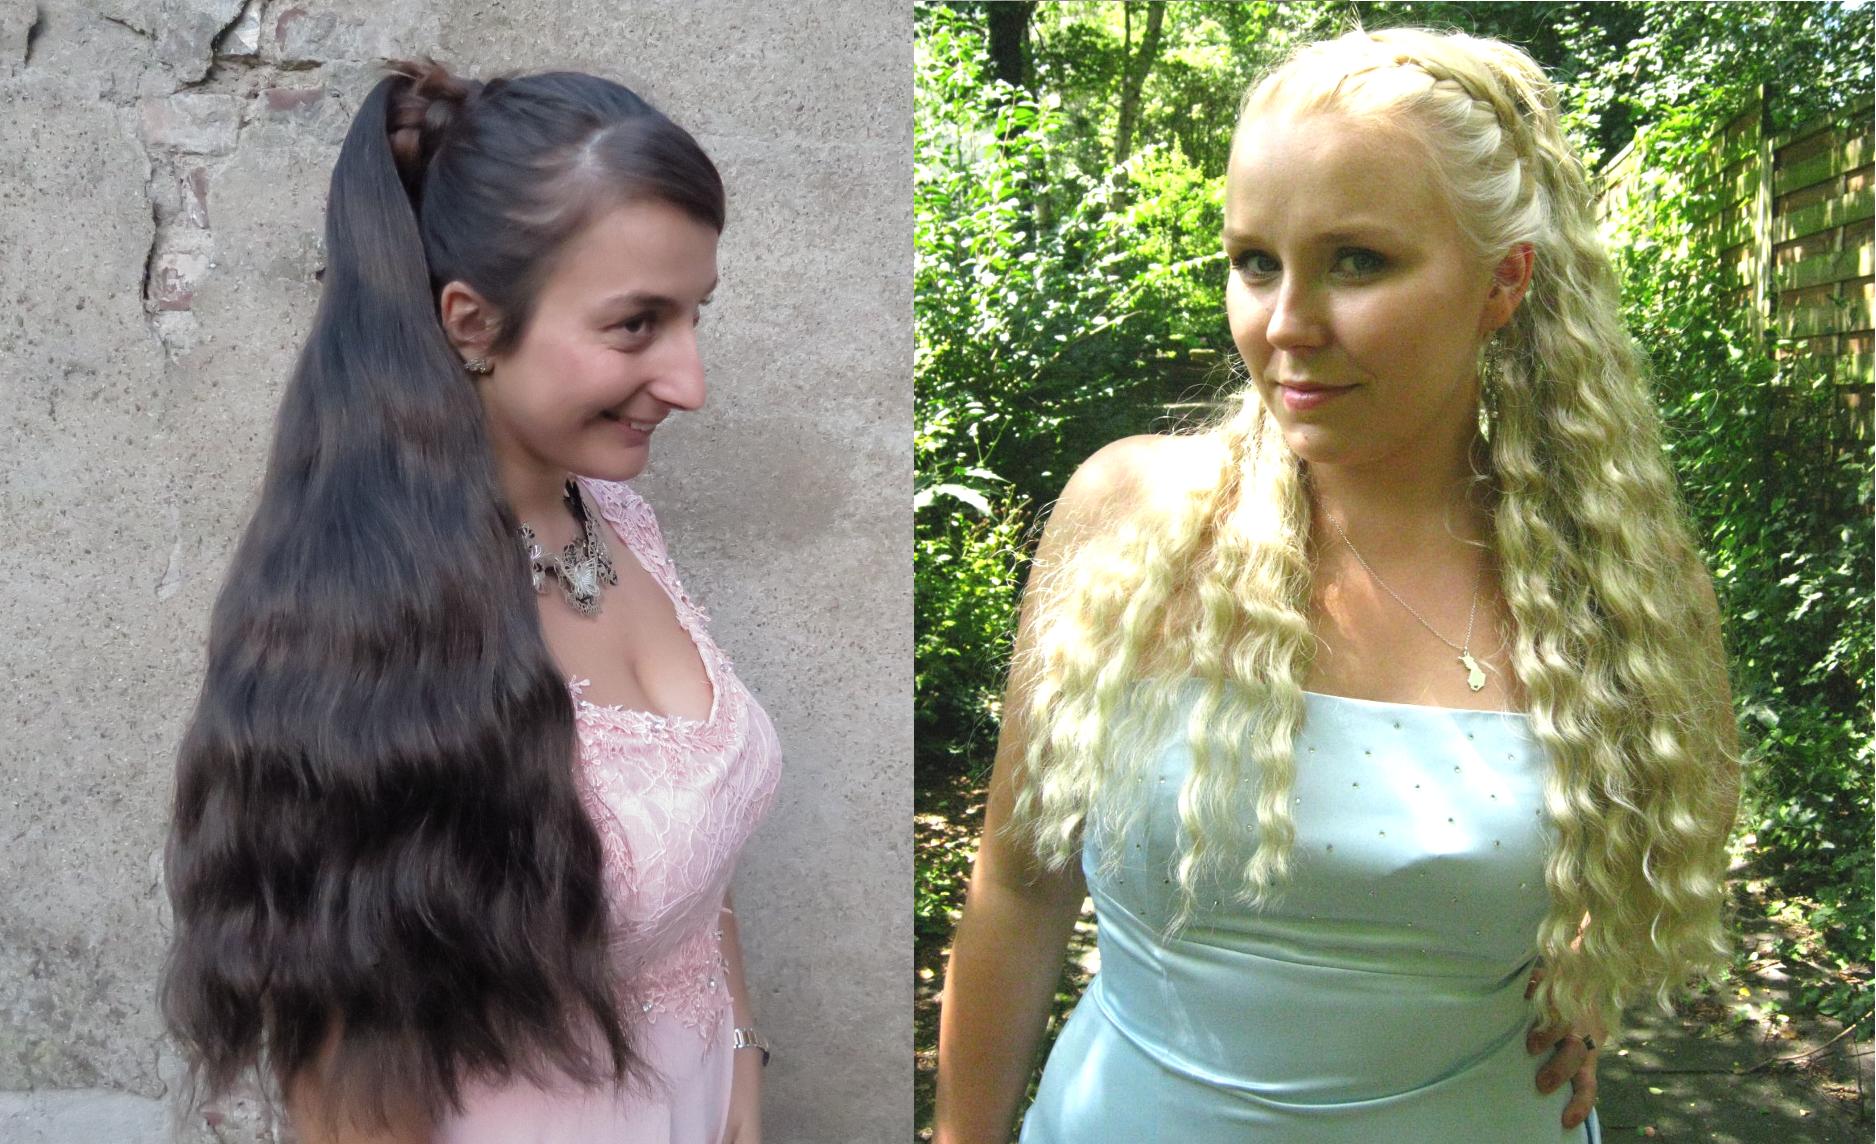 Natürliche Haarteile in Deiner Haarfarbe!